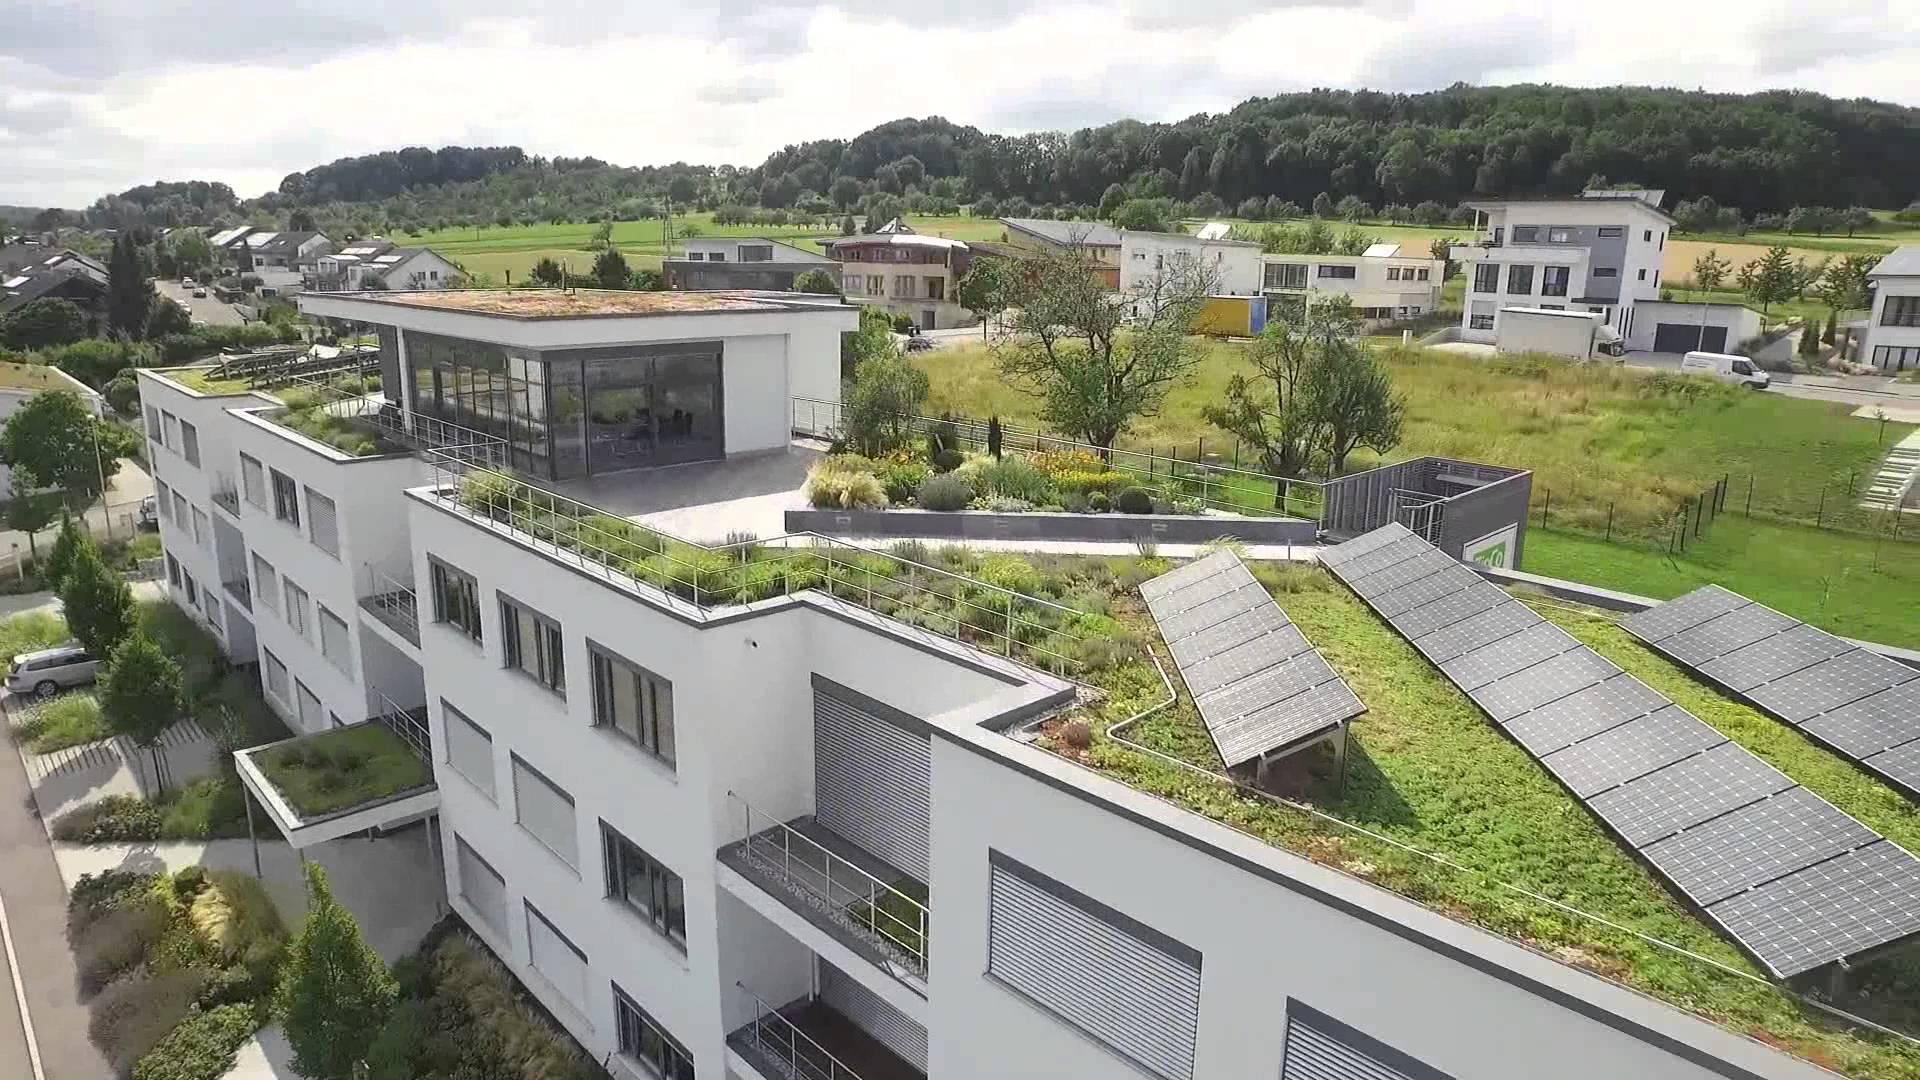 Azoteas verdes 5 razones por las que todos deber amos de for Centro de salud ciudad jardin badajoz